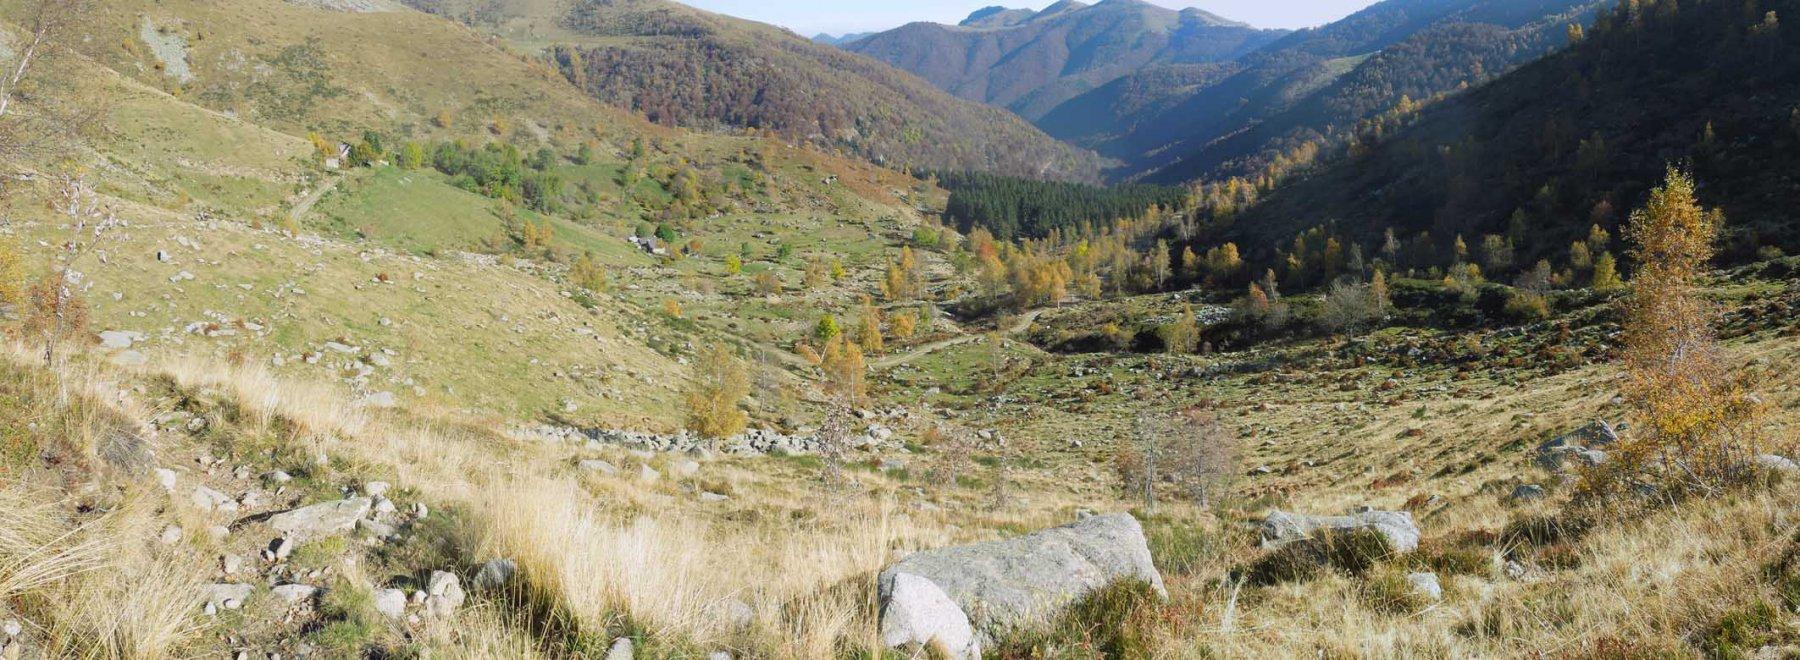 vallone di discesa dopo l'alpe la bassa